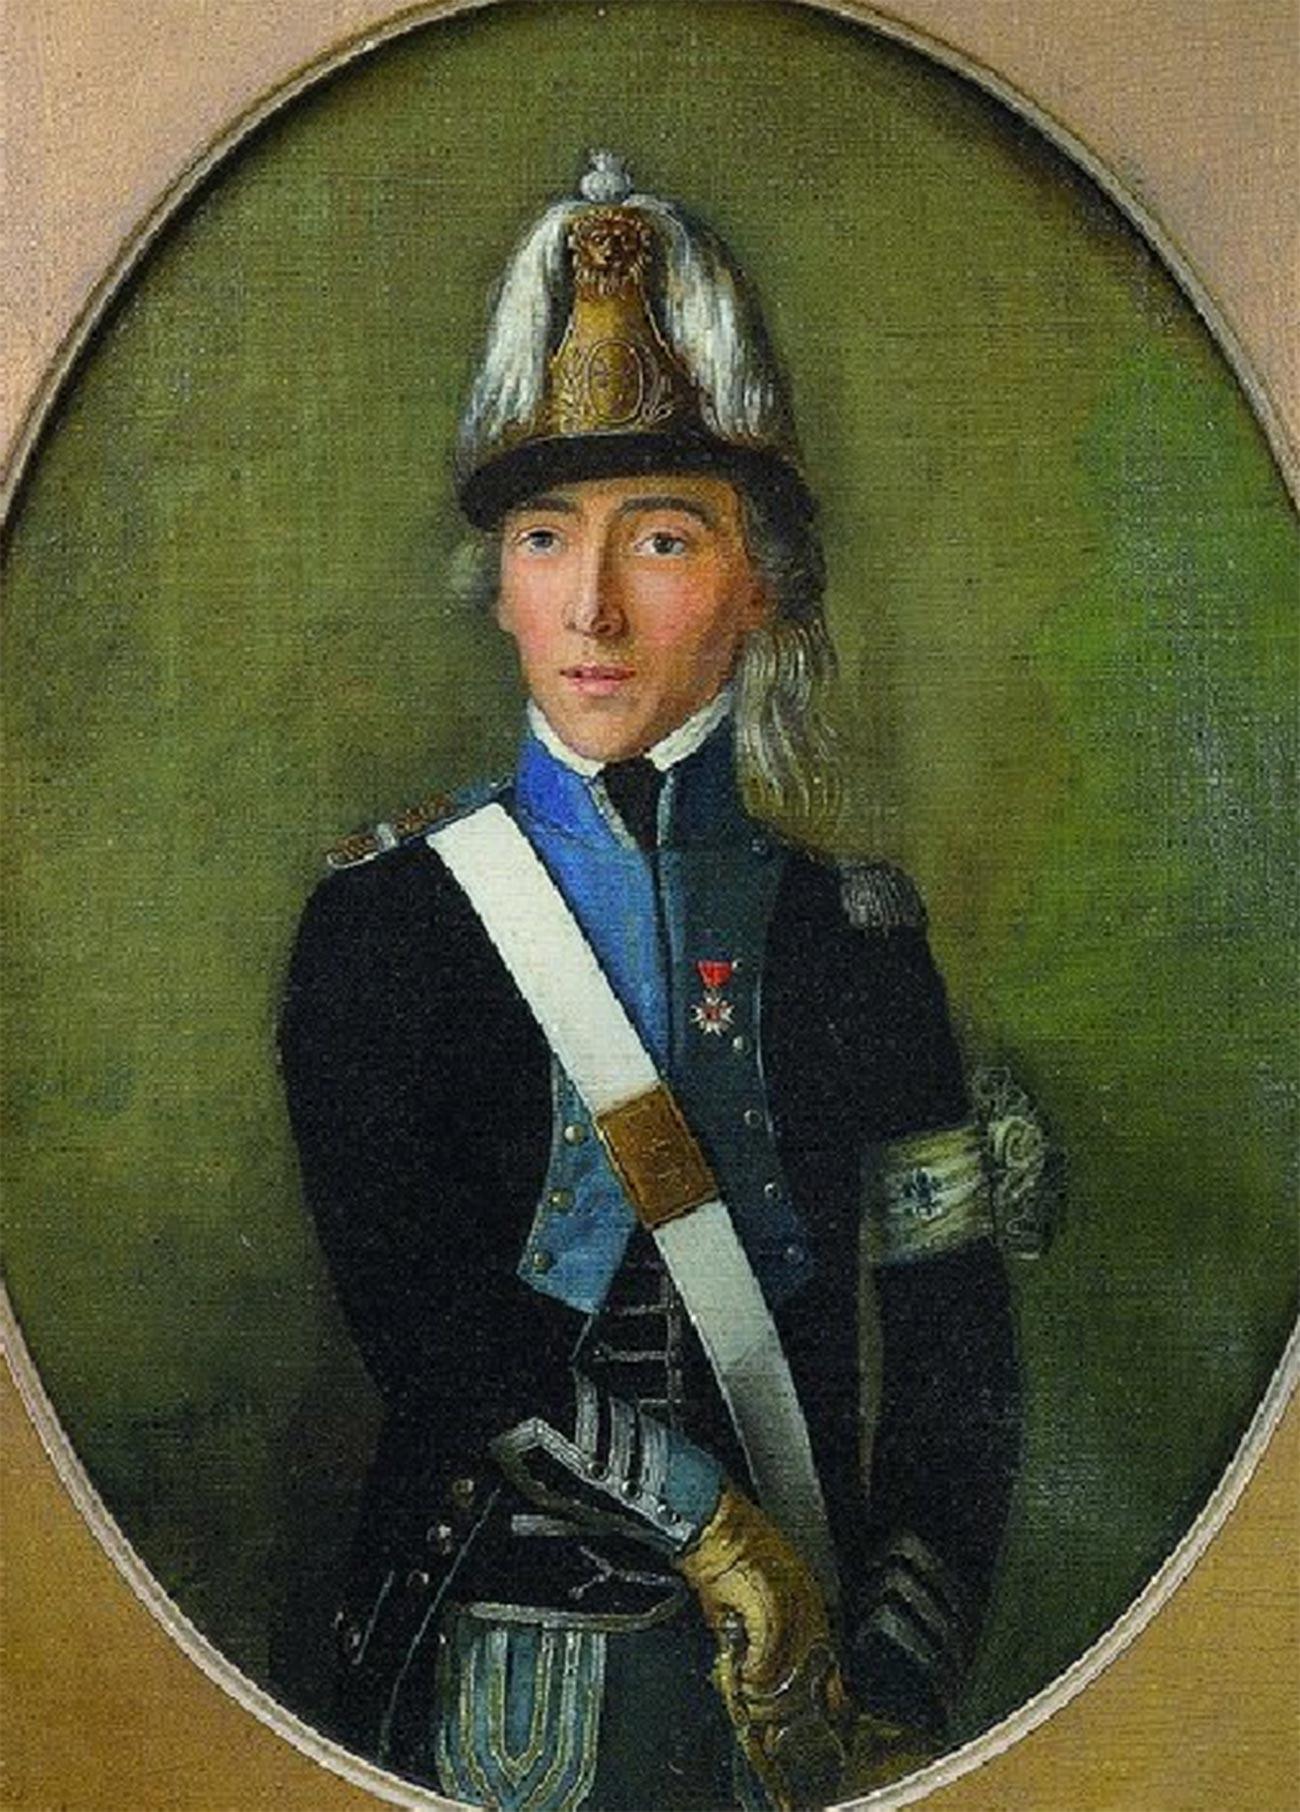 Портрет капетана корпуса (око 1792-1795).